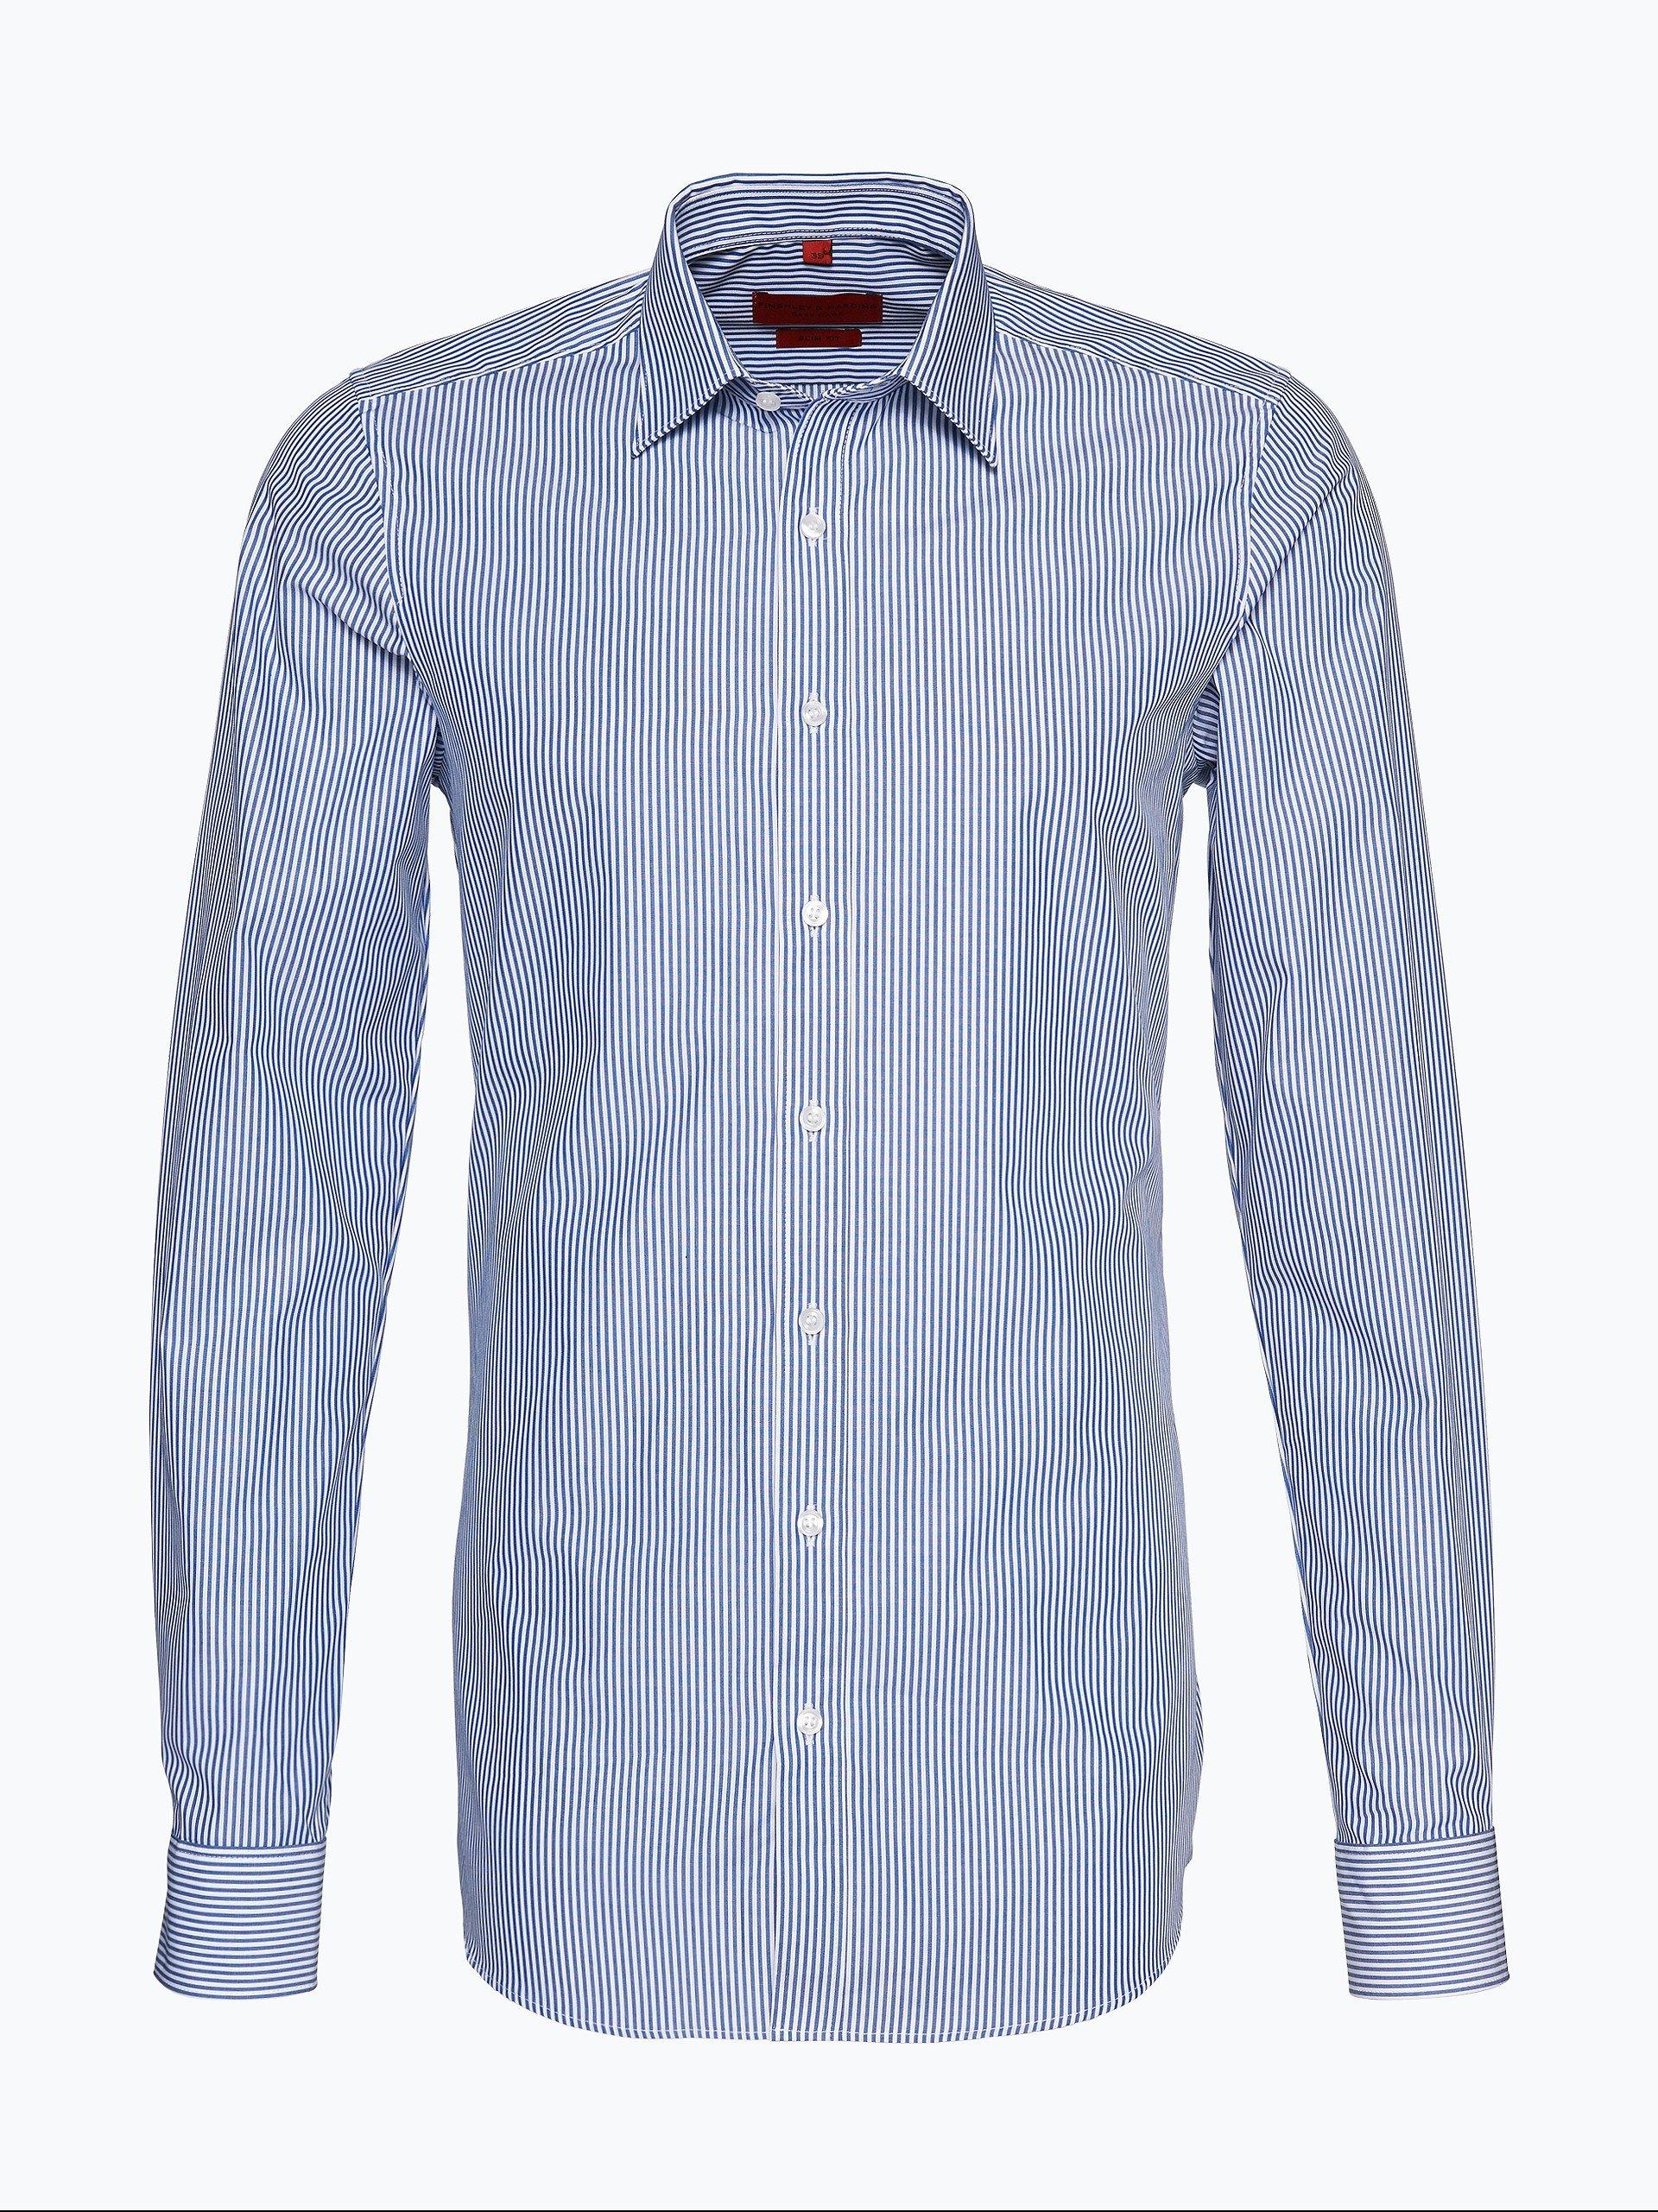 Finshley & Harding Herren Hemd mit extralangen Ärmeln